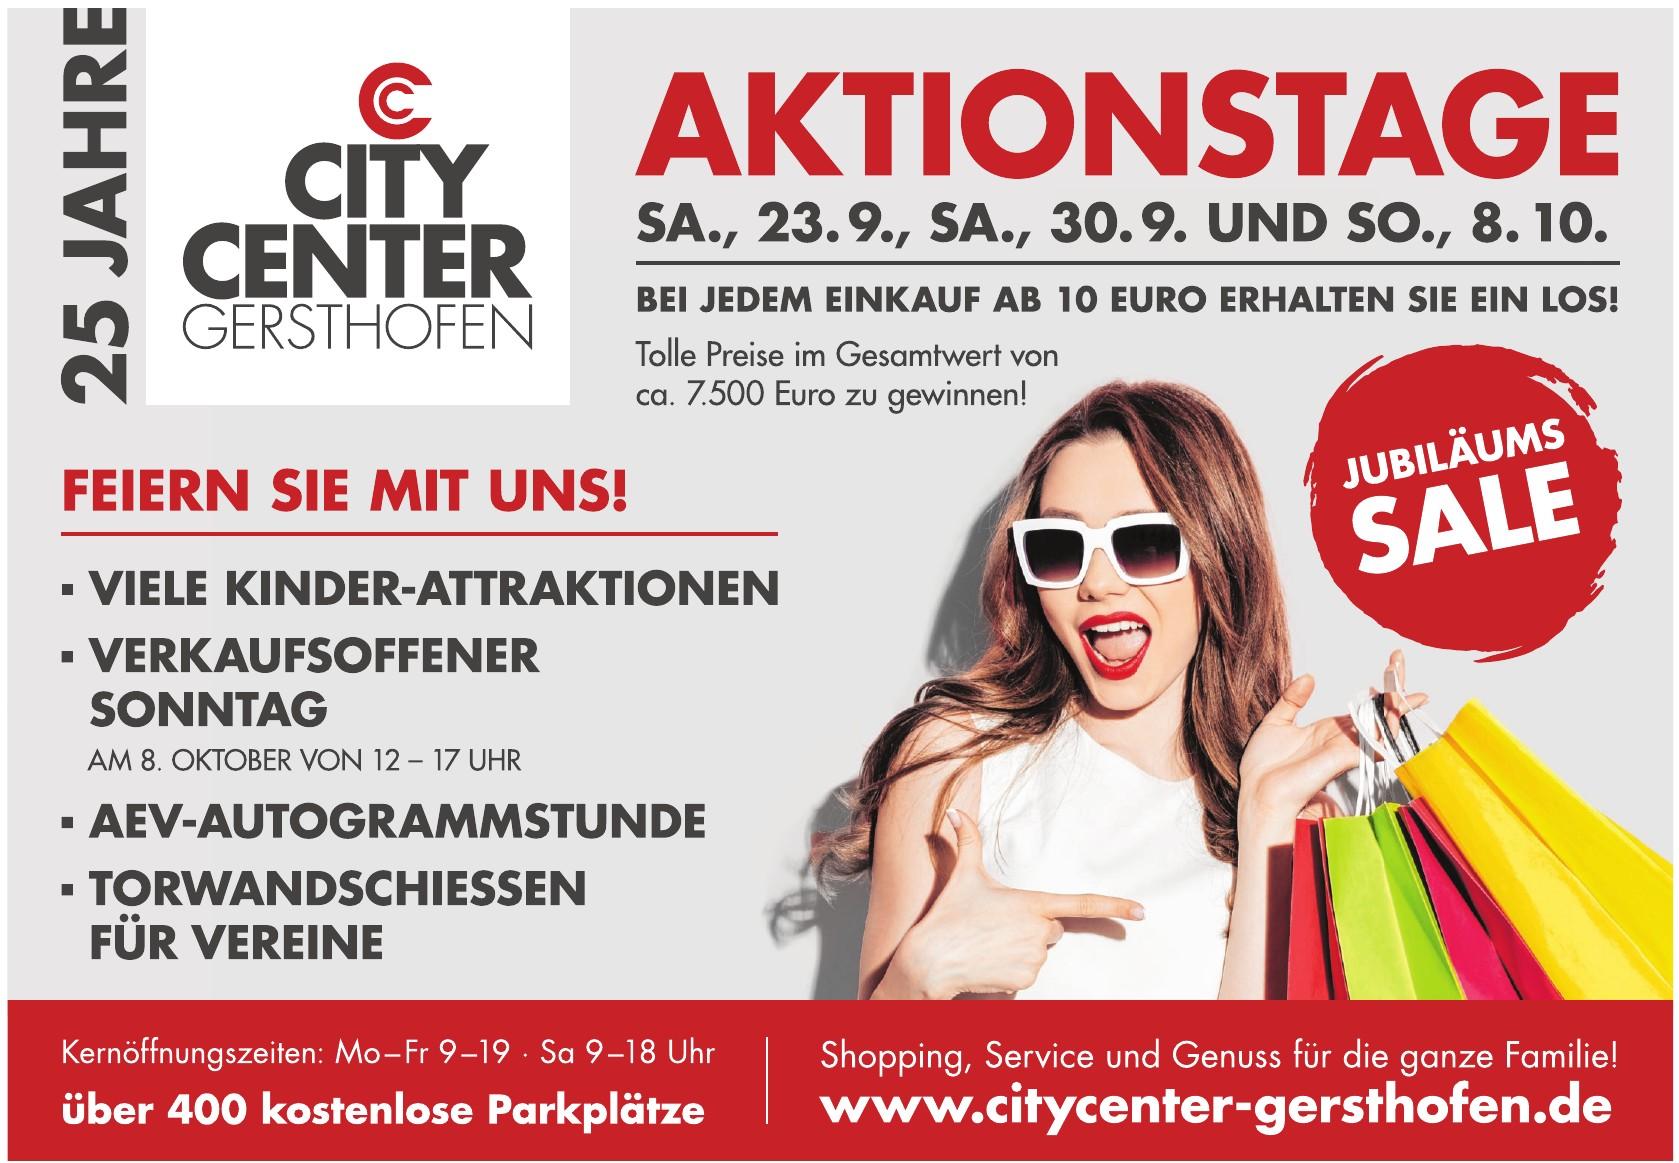 City Center Gersthofen